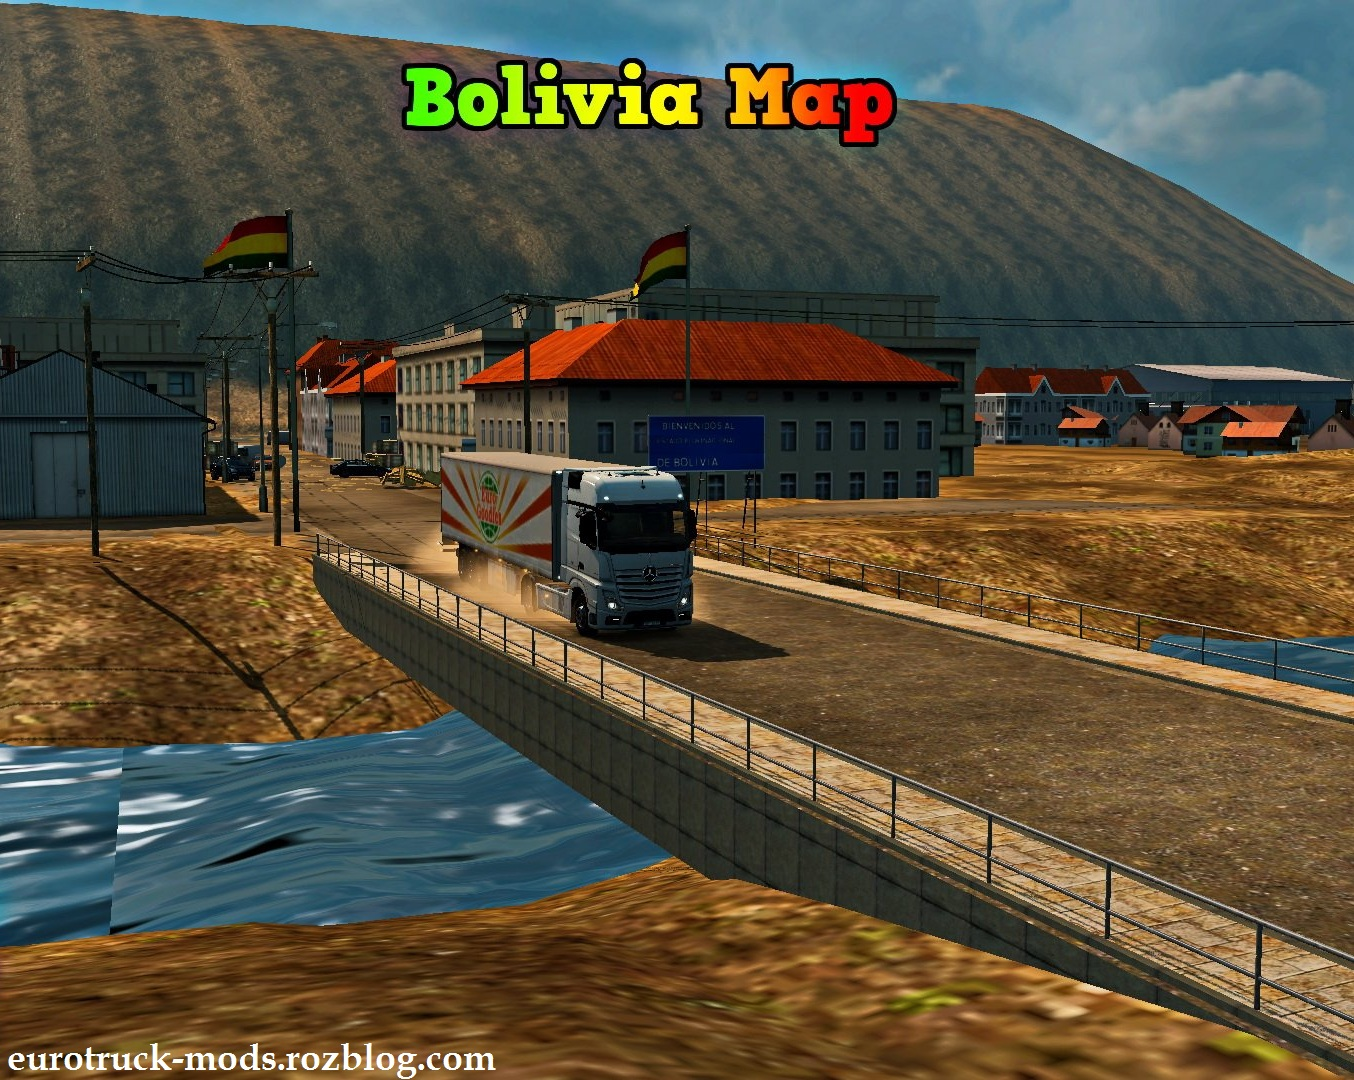 دانلود مپ فوق العاده bolivia ورژن 3.3 برای یورو تراک